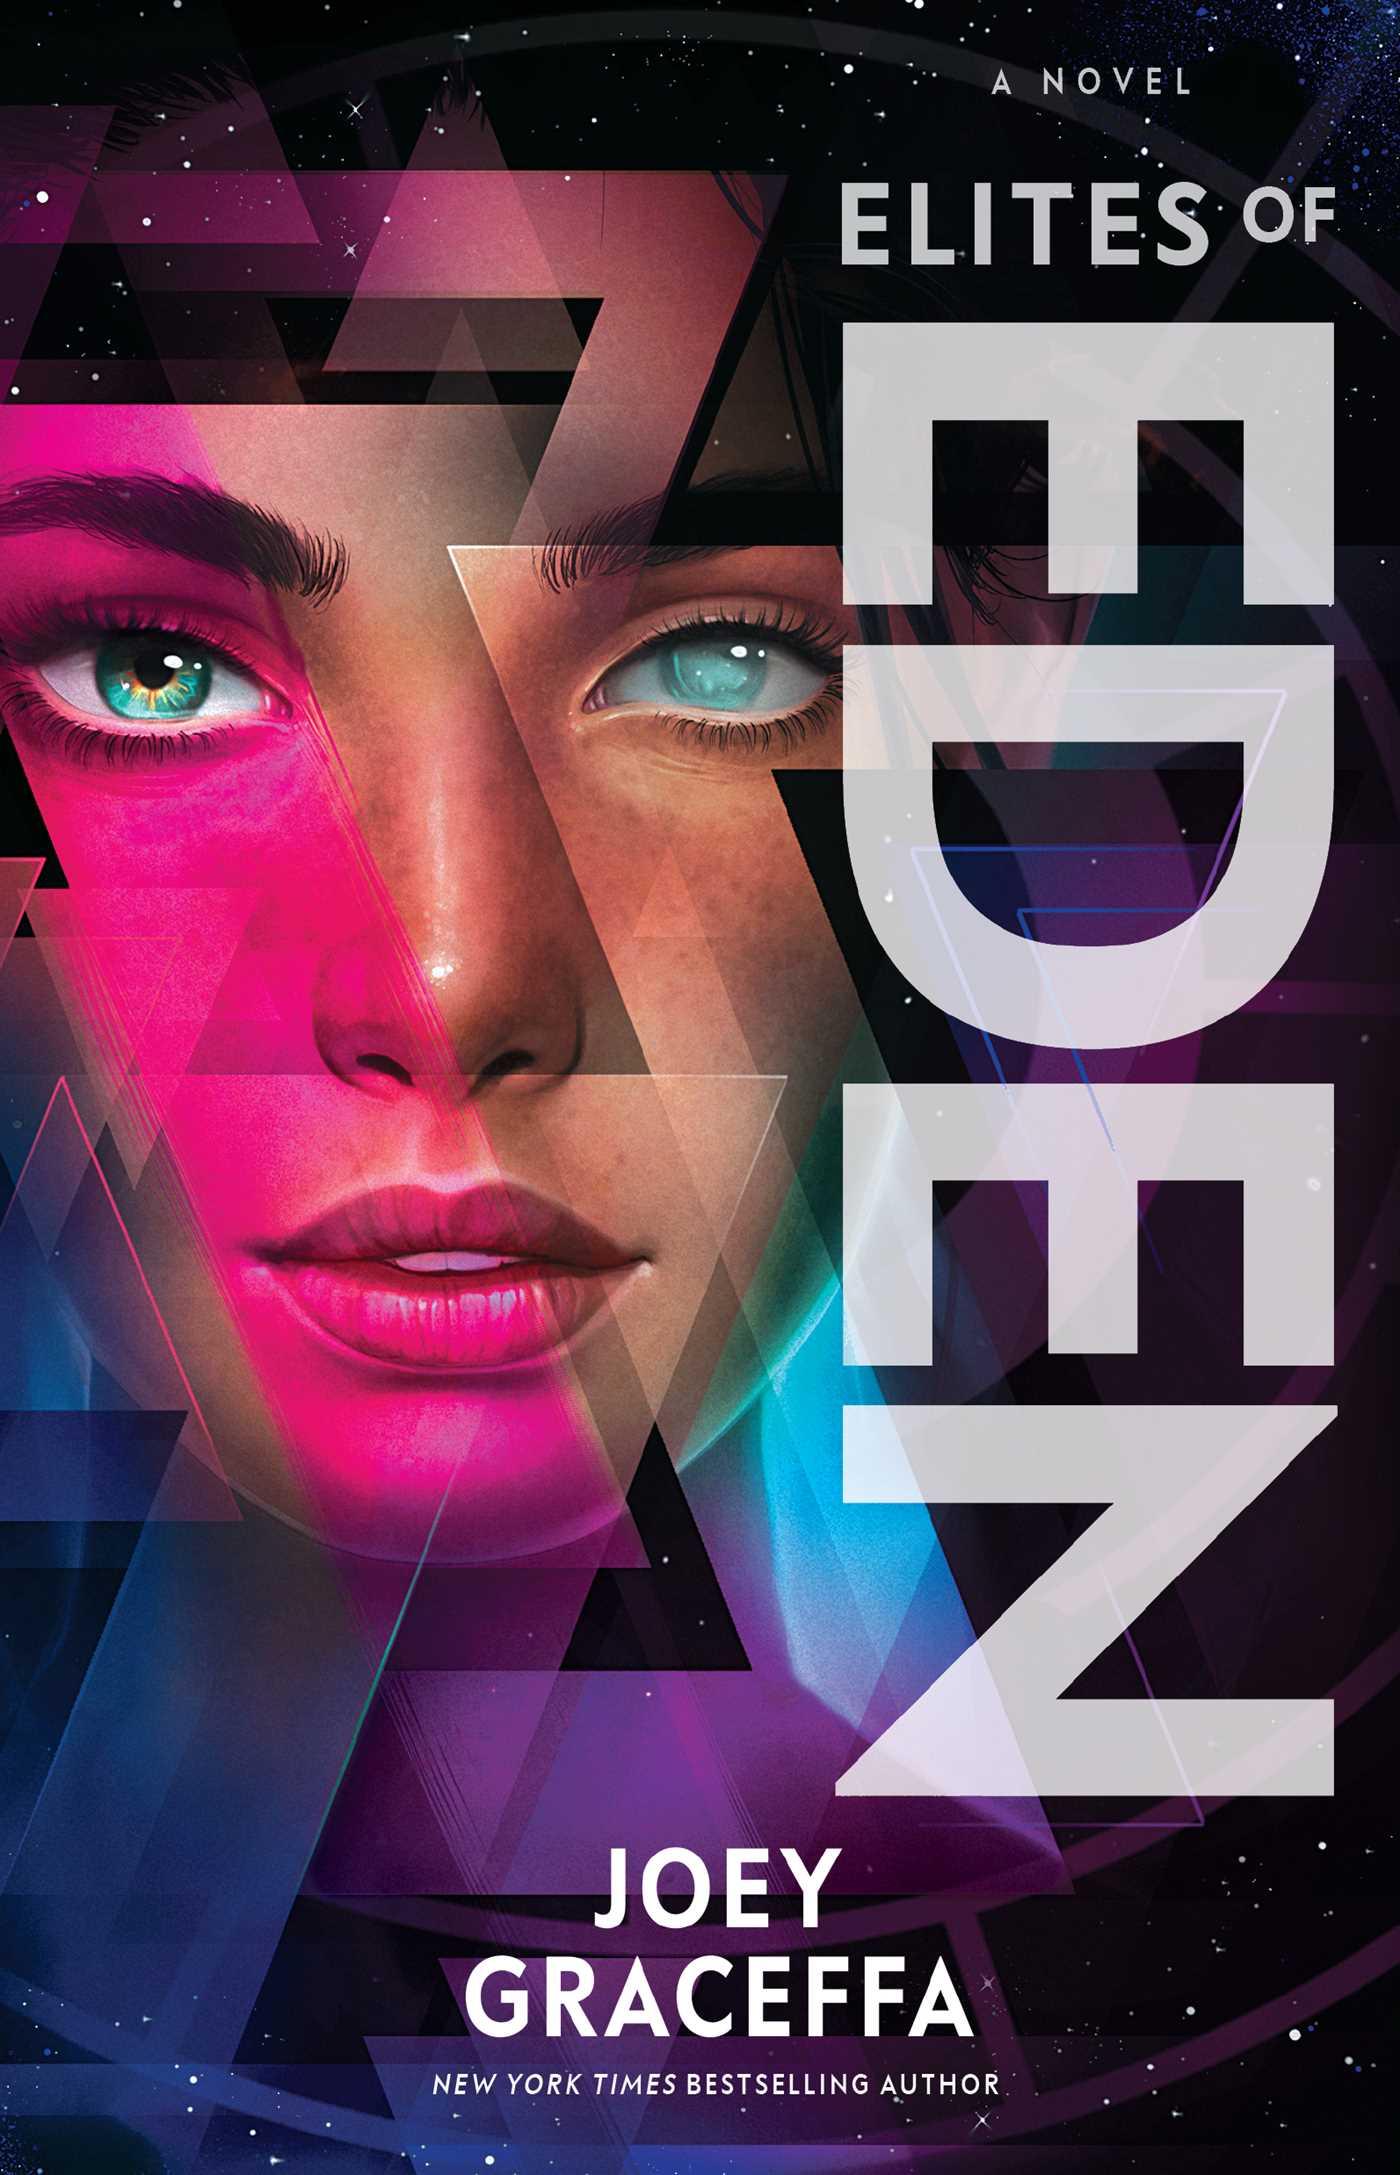 Elites of eden ebook by joey graceffa official publisher page elites of eden 9781501174551 hr fandeluxe Images